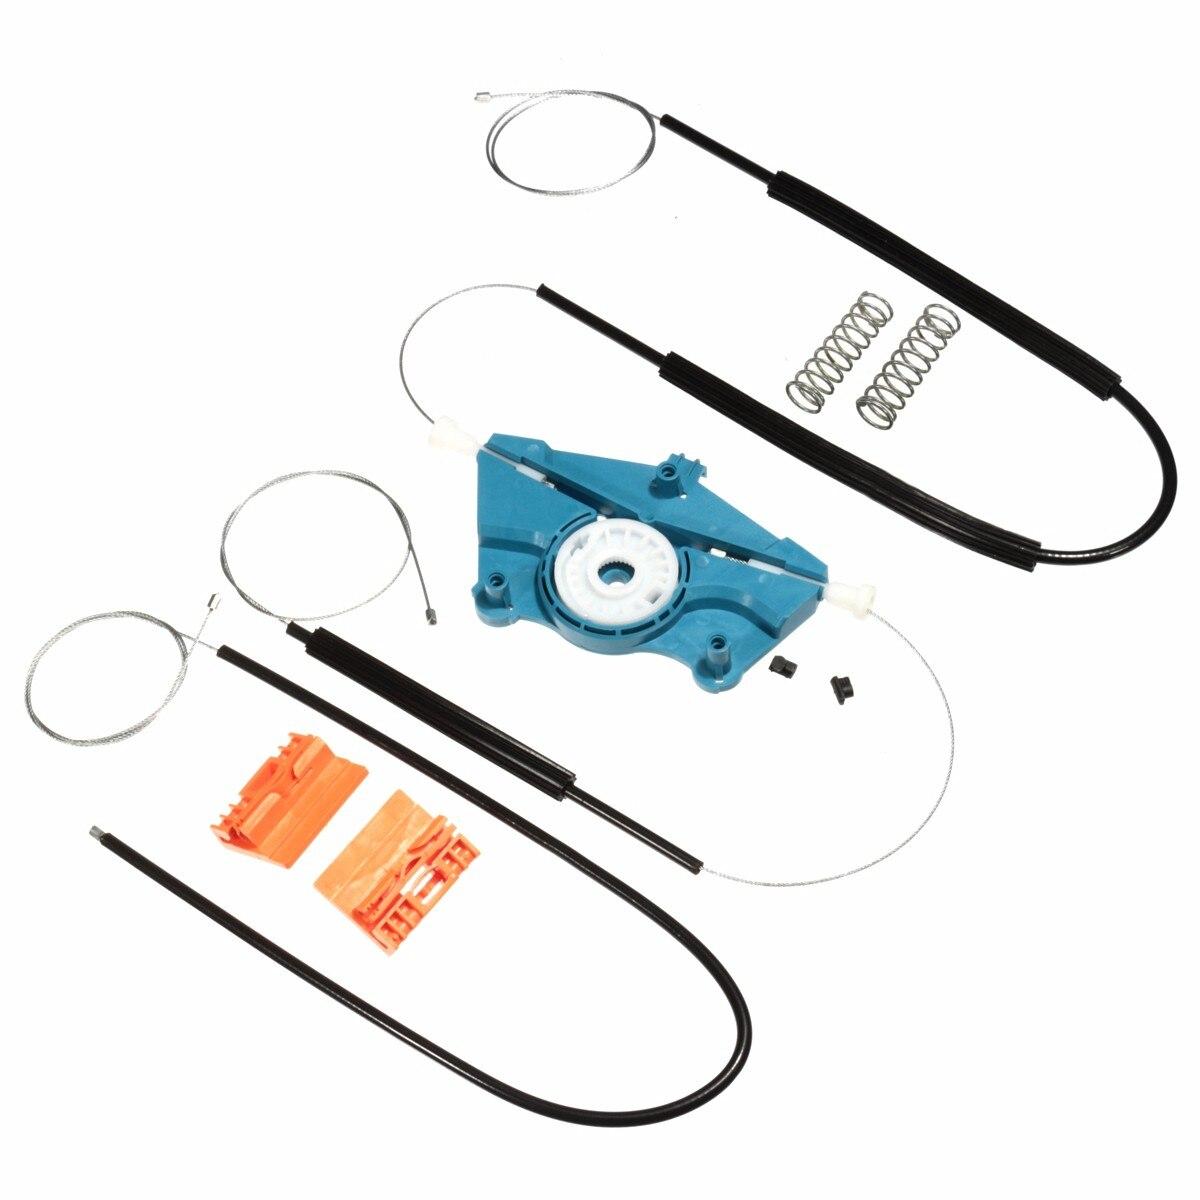 1 pçs kit de reparação de regulador de janela elétrica frente esquerda para audi a4 b6/b7 00-08 sem instruções incluídas